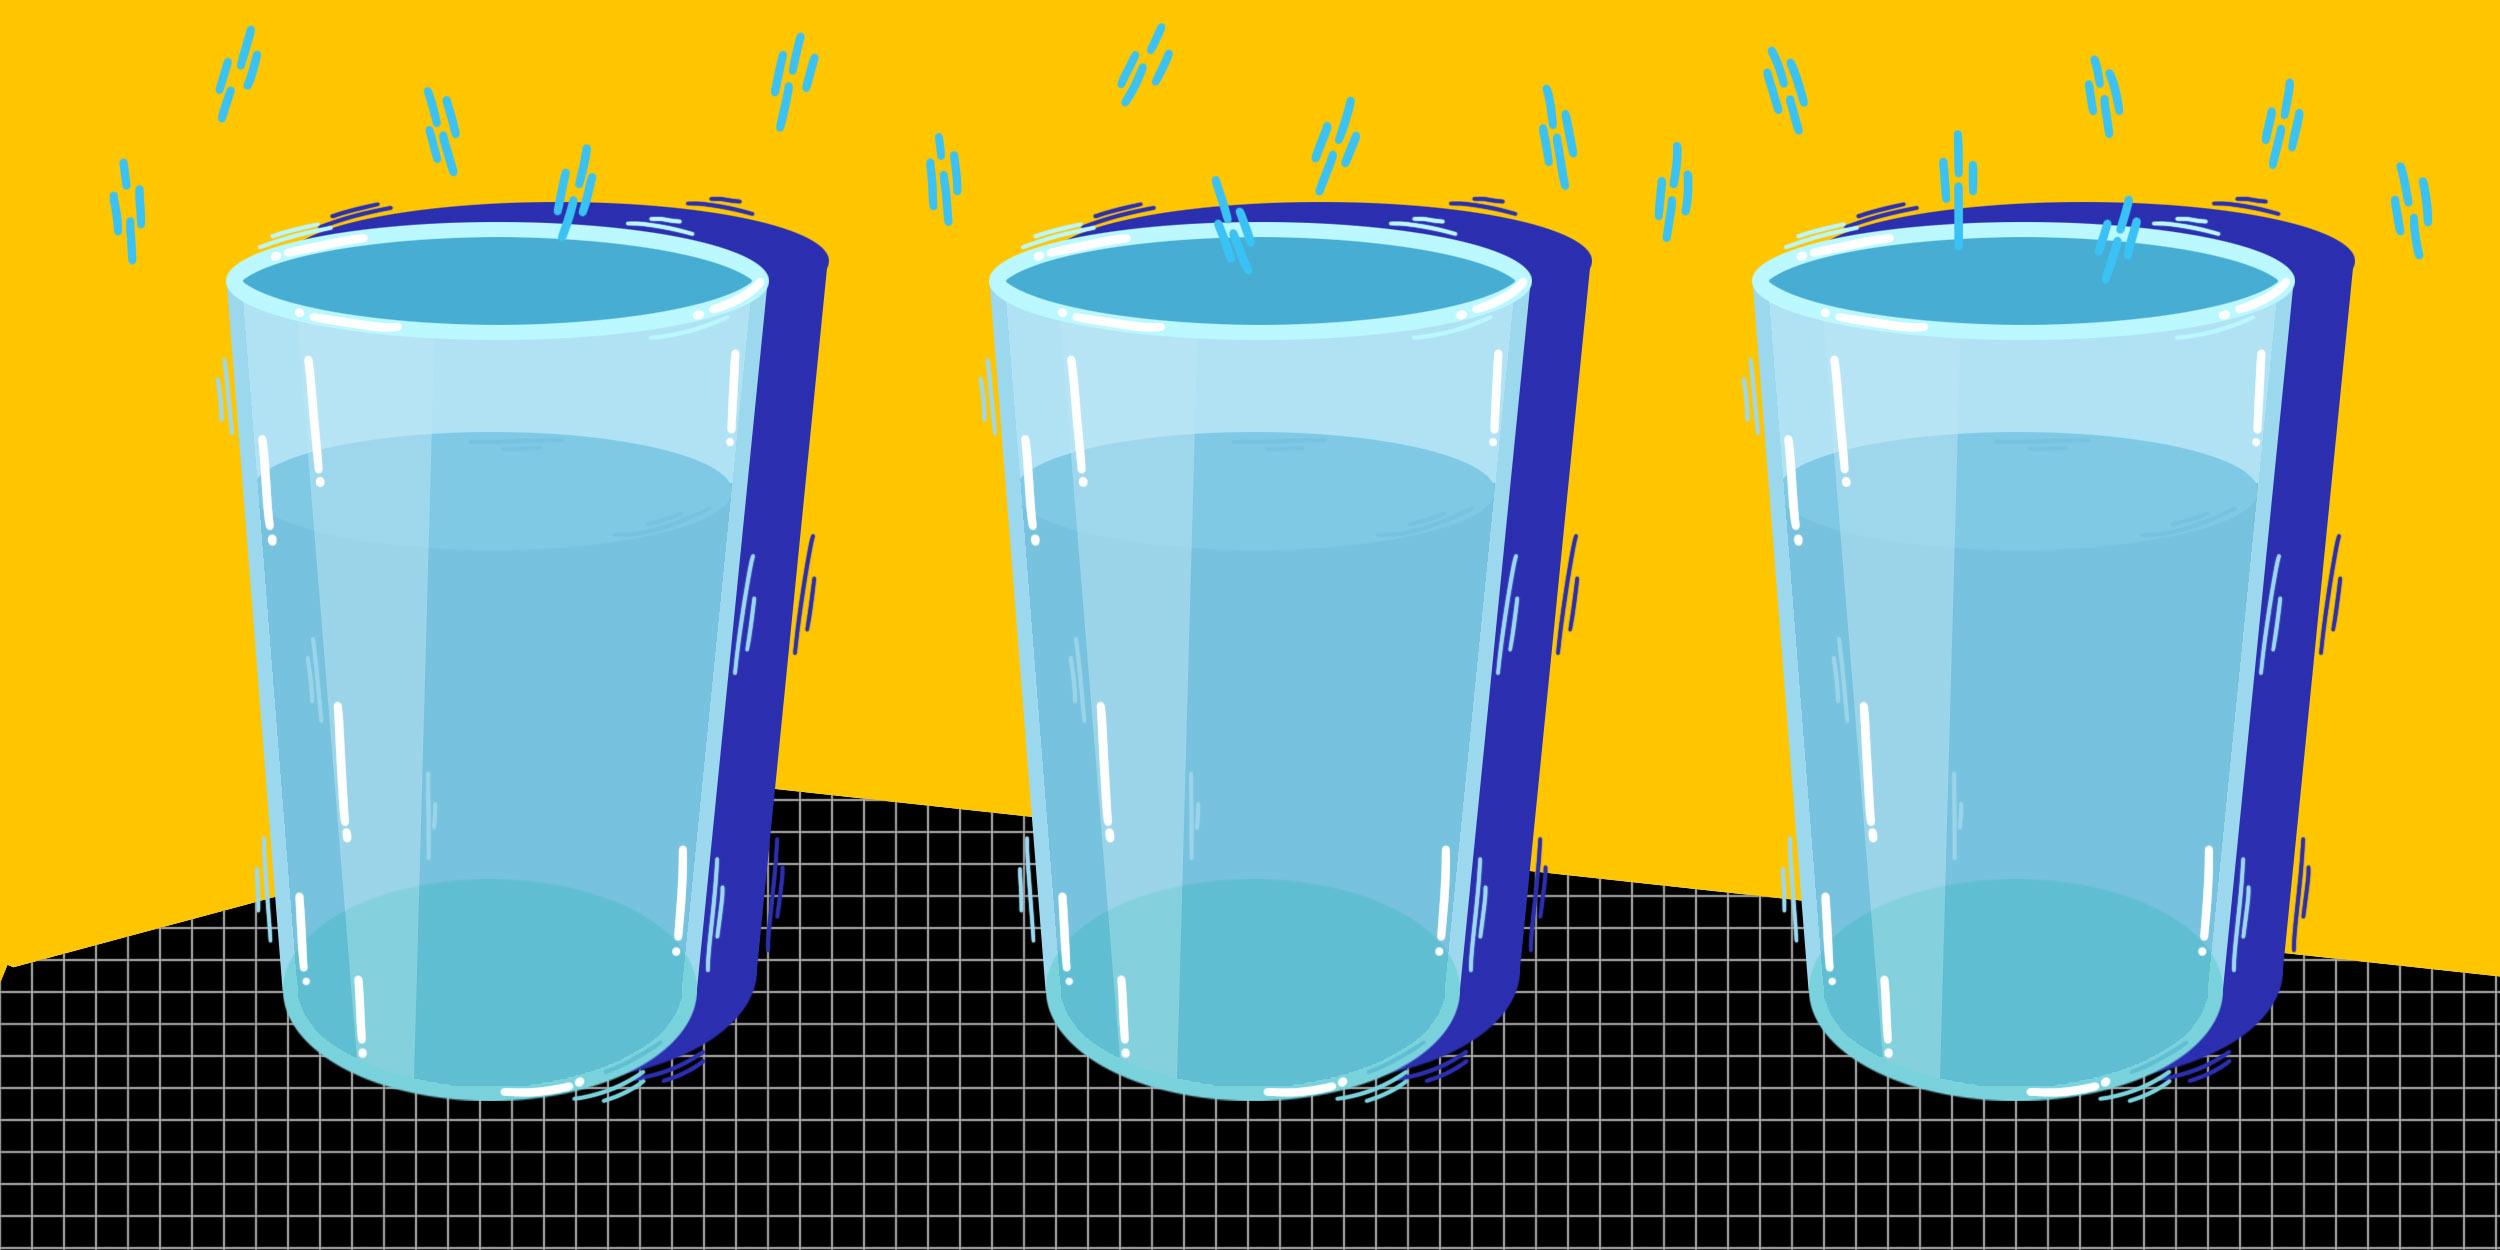 Пить минимум 8 стаканов воды в день уже не нужно.